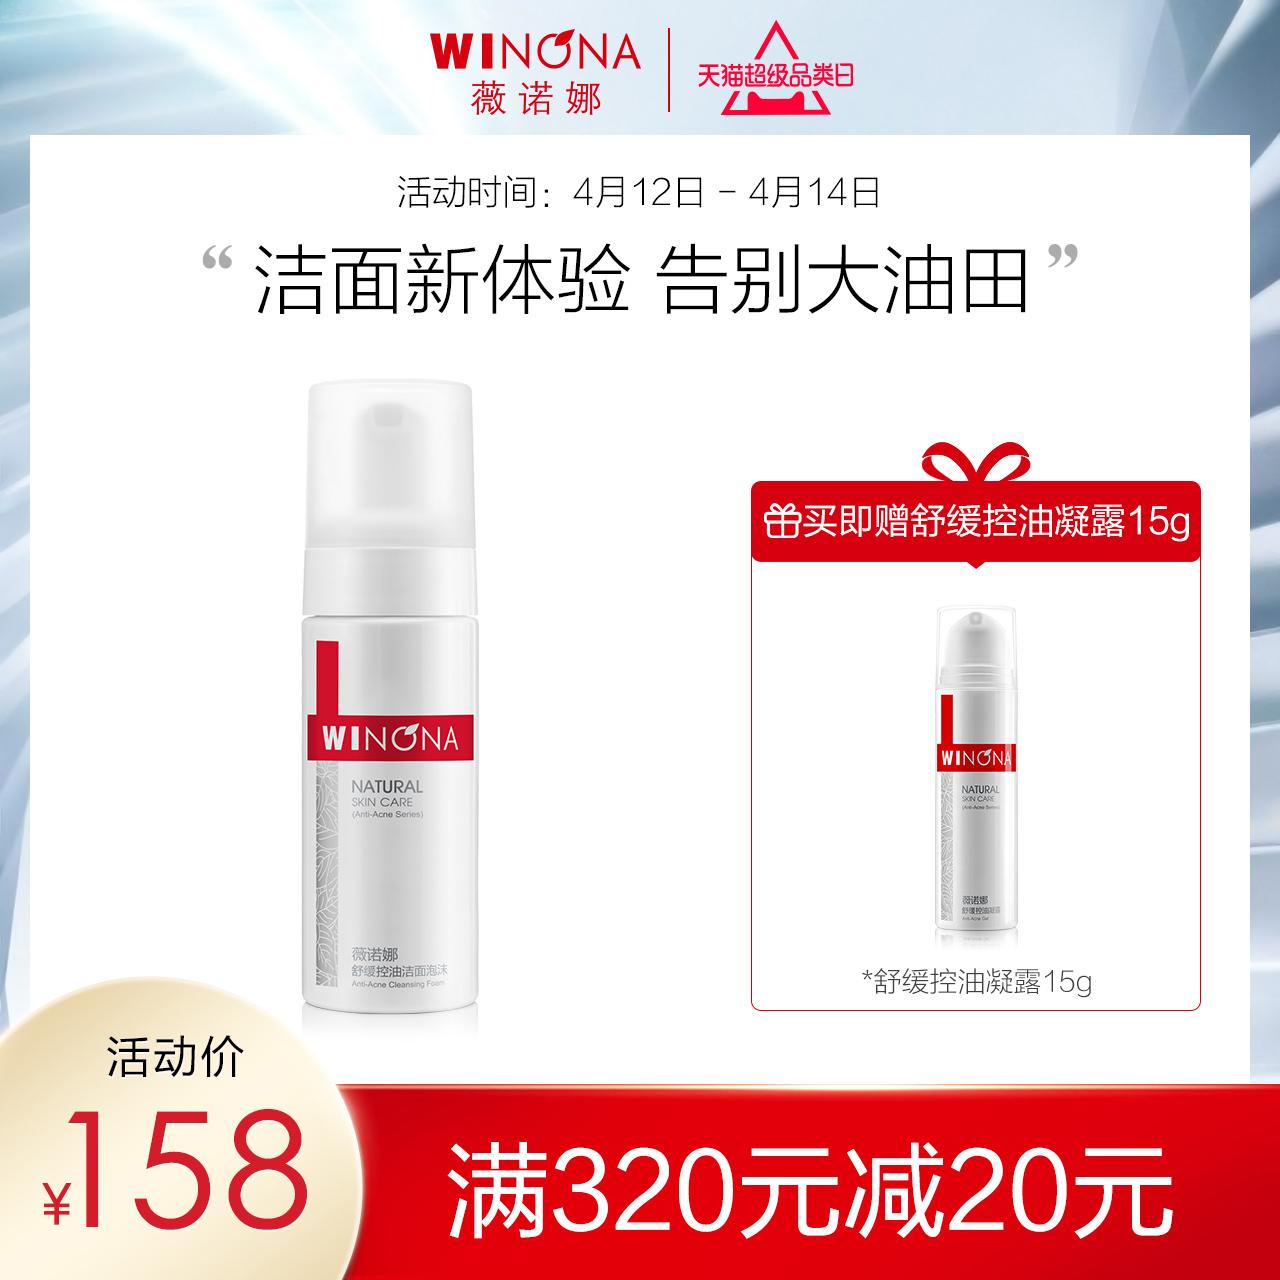 薇诺娜舒缓控油洁面泡沫150ml 补水弱酸敏感肌温和清洁修护洗面奶